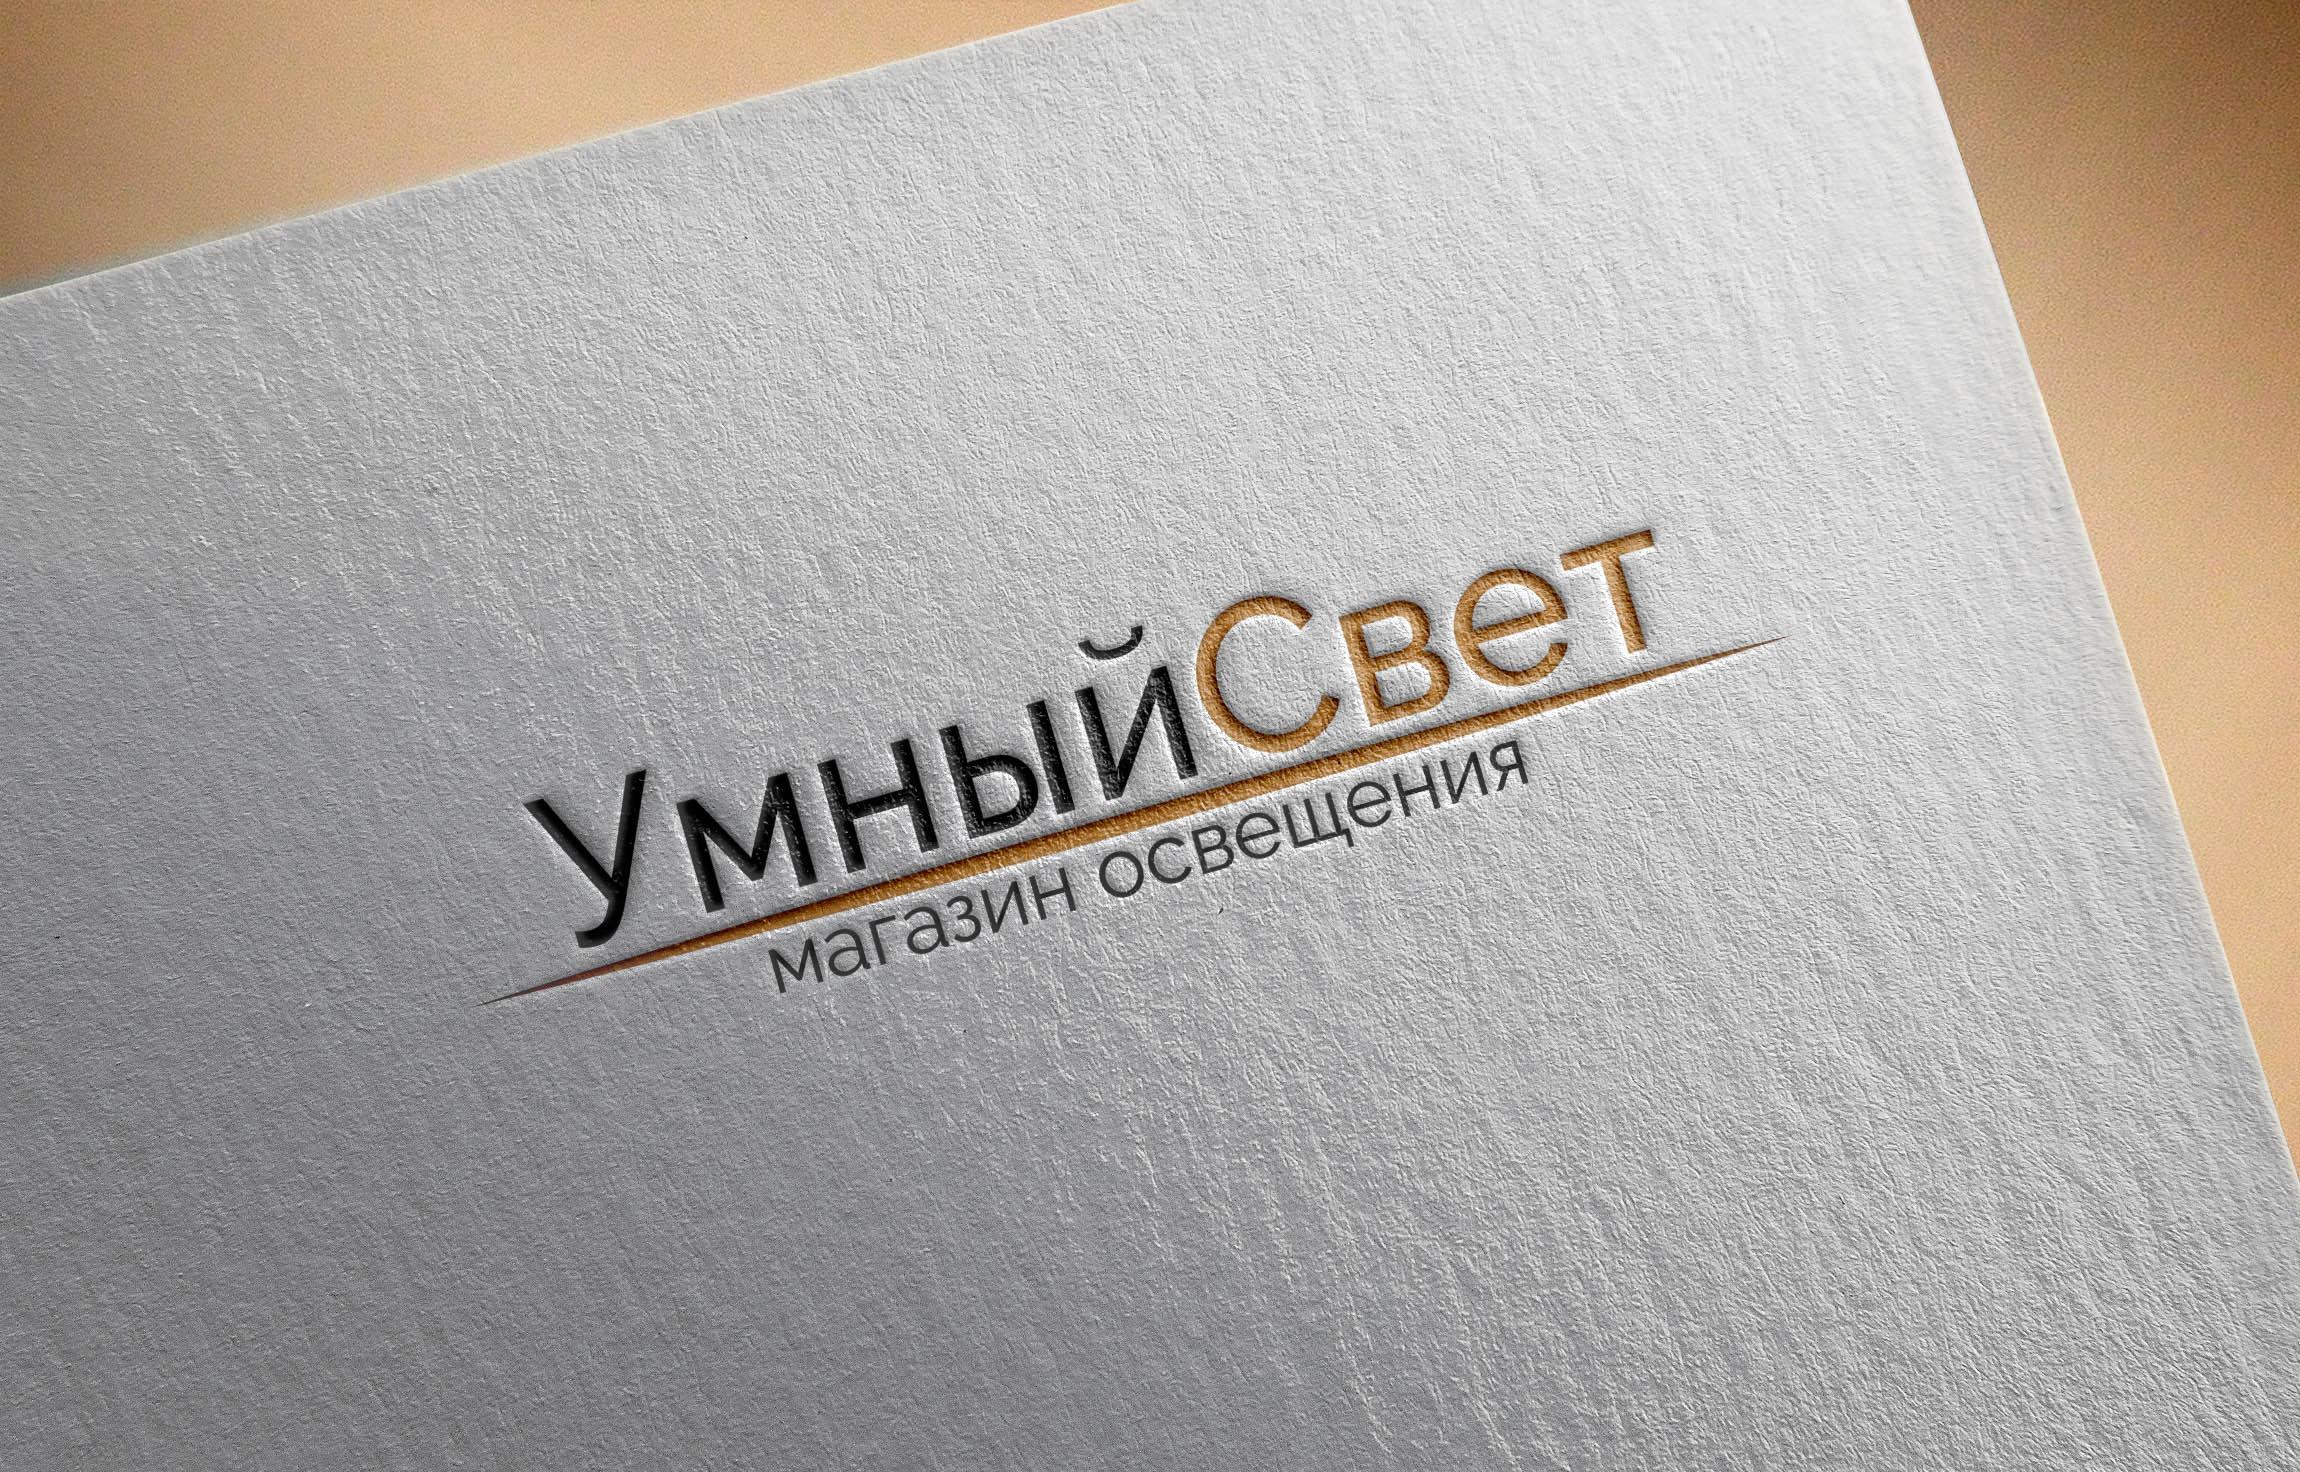 Логотип для салон-магазина освещения фото f_5805d0221d66e057.jpg